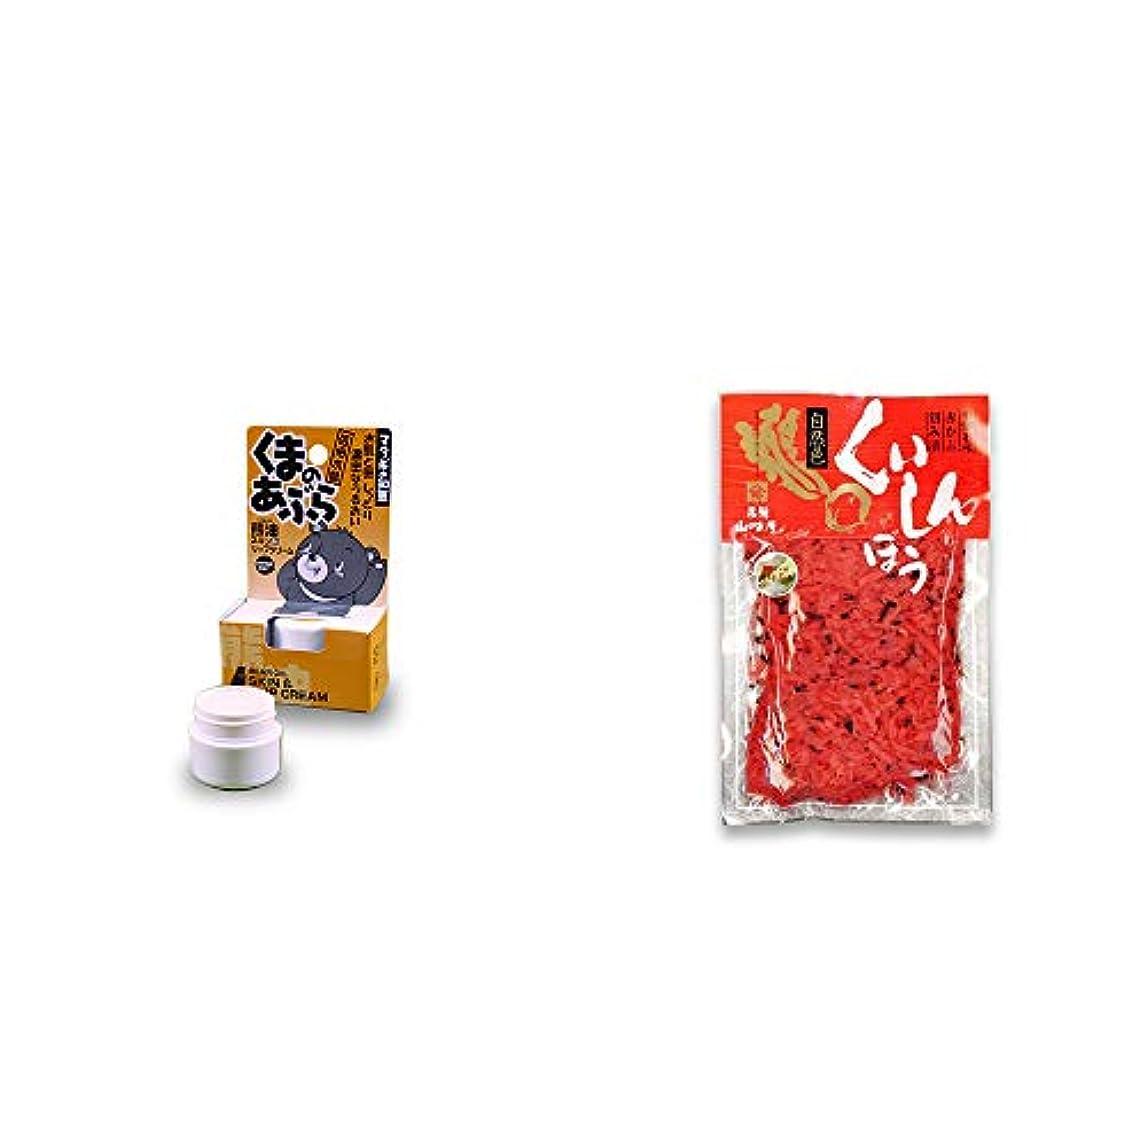 販売員袋不完全[2点セット] 信州木曽 くまのあぶら 熊油スキン&リップクリーム(9g)?飛騨山味屋 くいしんぼう【小】 (160g)